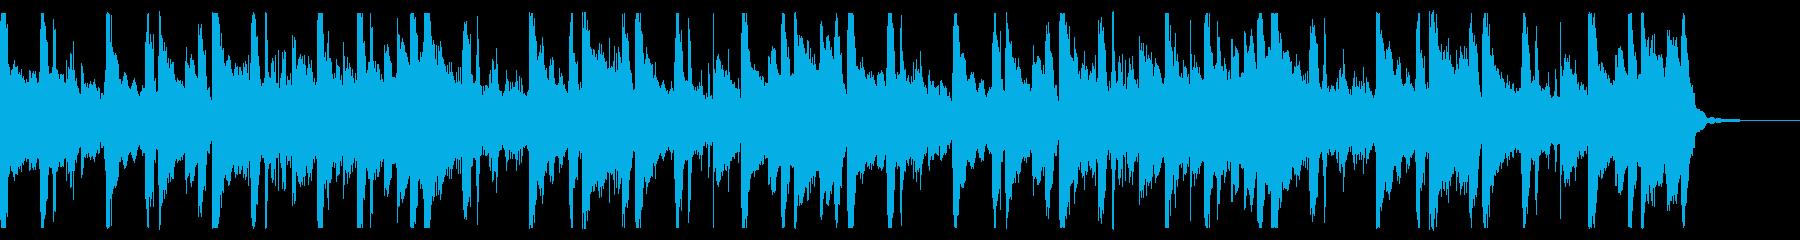 ローファイヒップポップ_No587_4の再生済みの波形